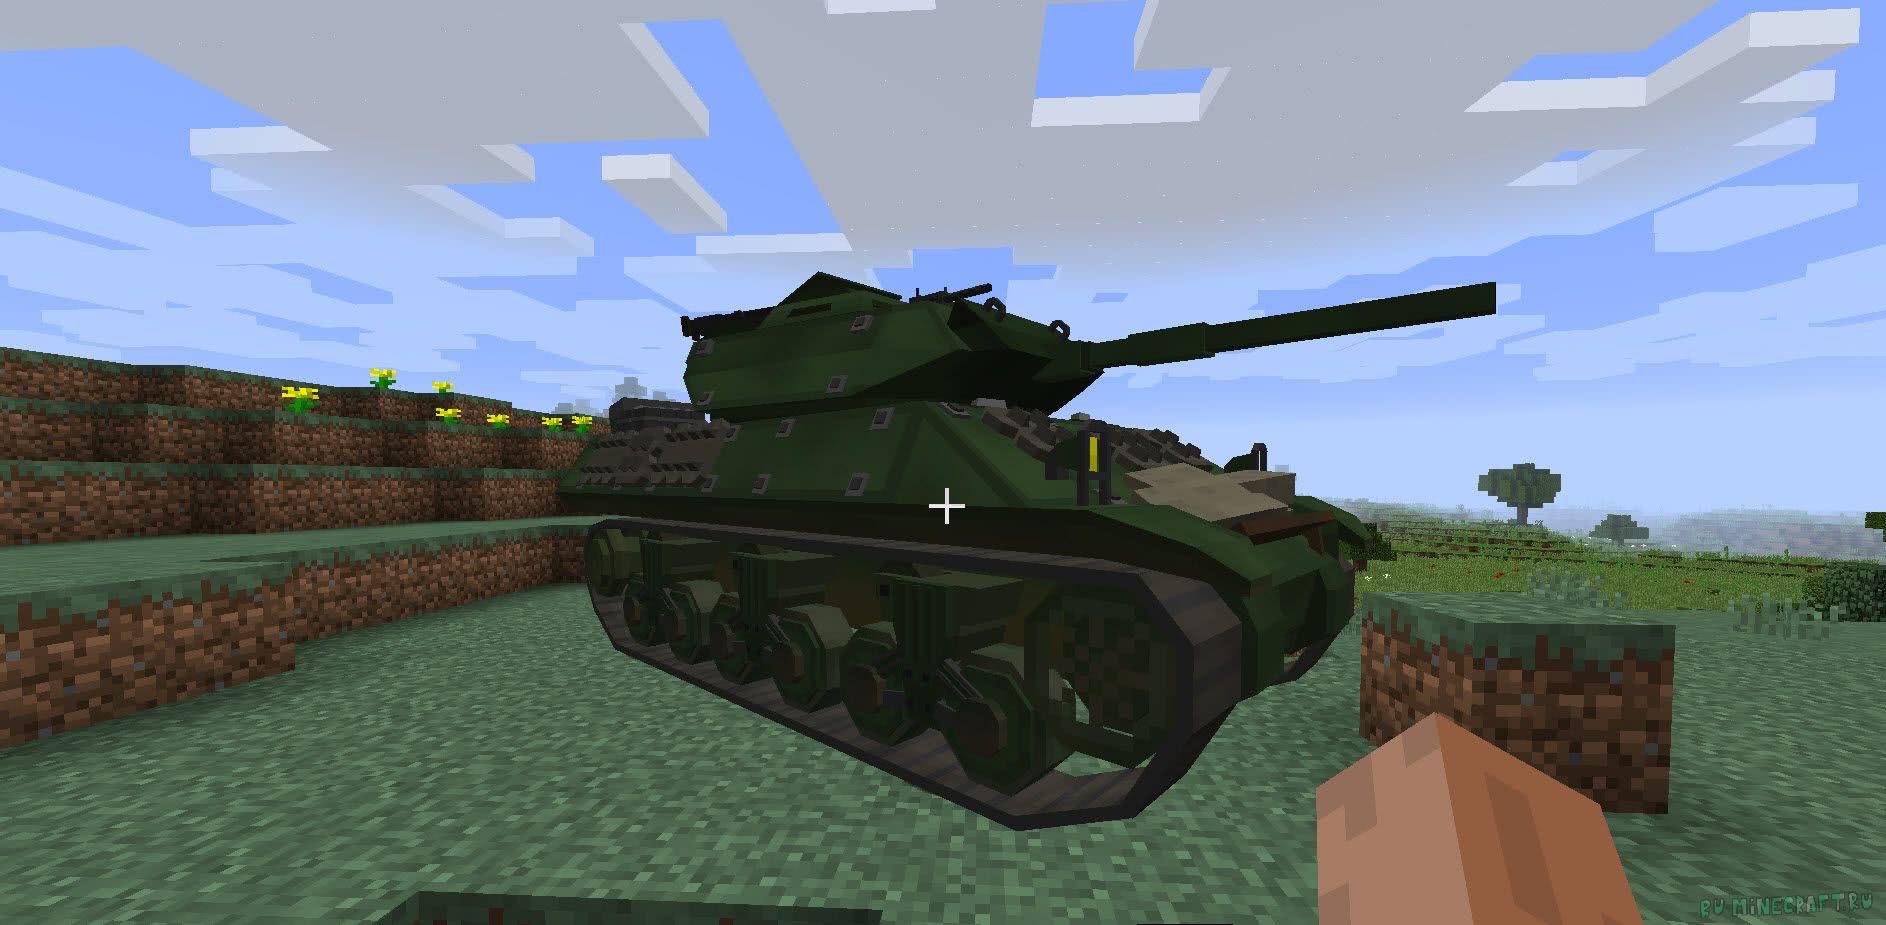 моды на танки без архива на майнкрафт 1.7.10 #7